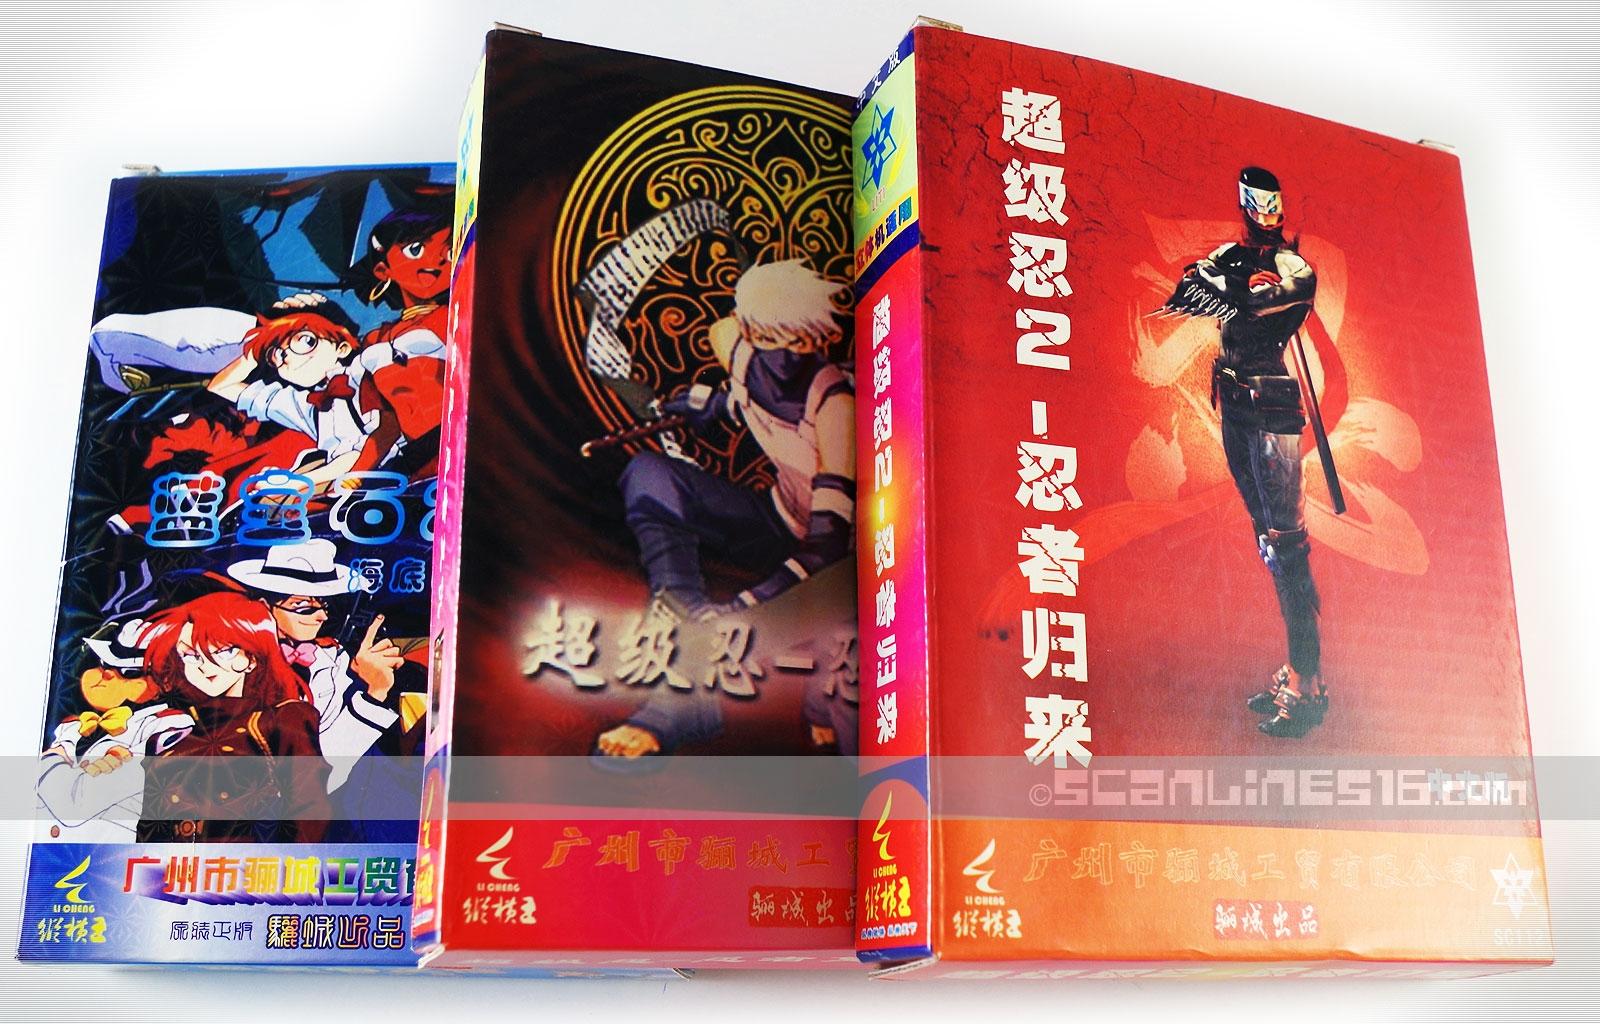 Fushigi no Umi no Nadia, The Revenge of Shinobi, The Super Shinobi II.